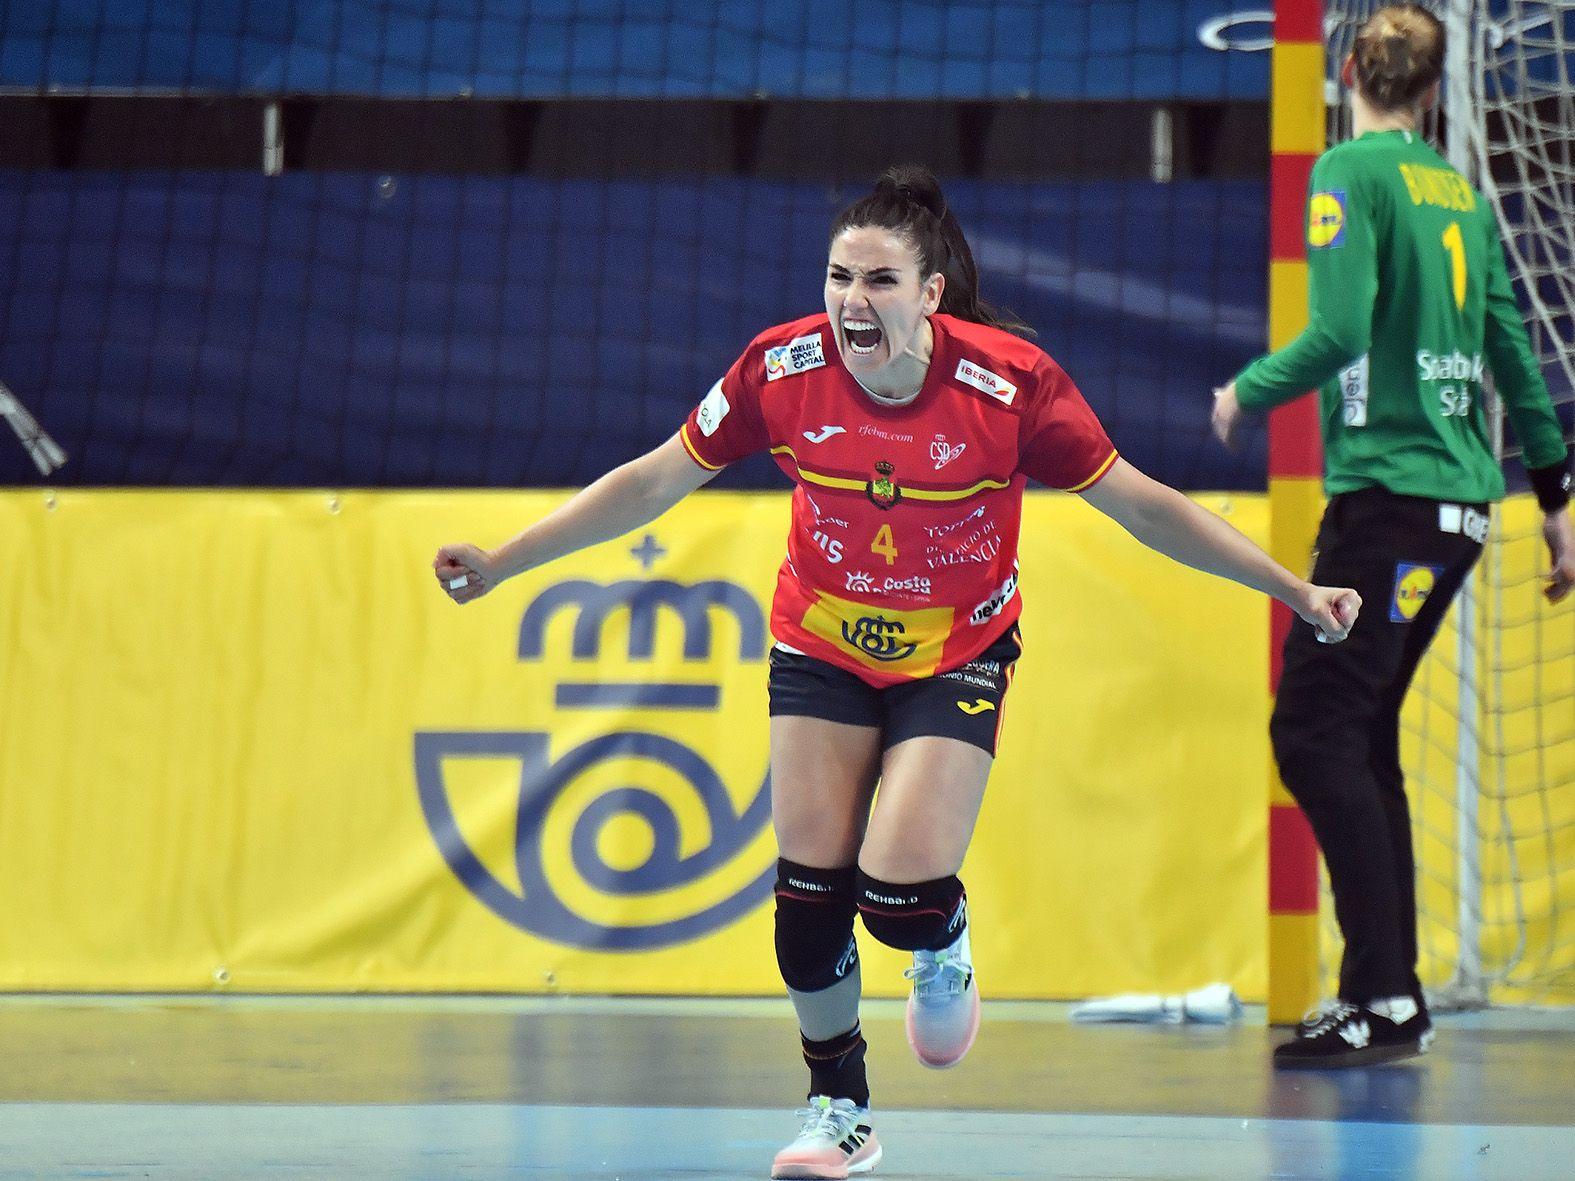 Carmen Martín. Fuente: RFEBM/ J.L. Recio.